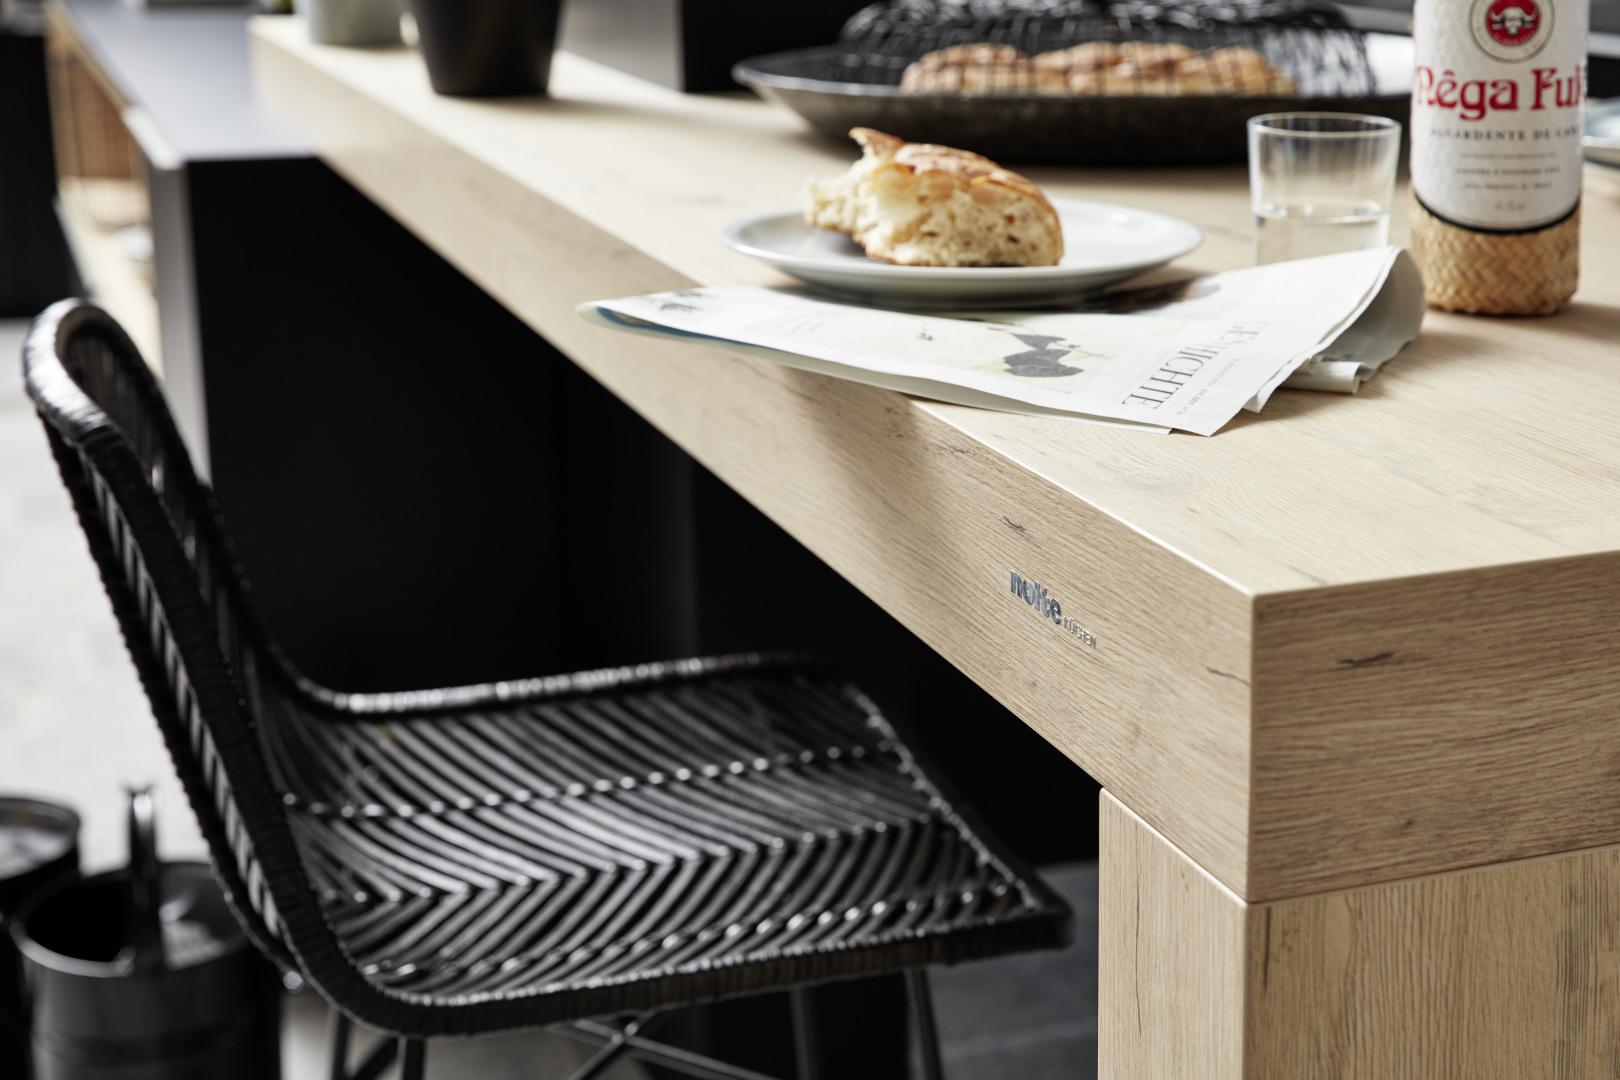 Cuisine Nolte table à manger intégrée îlot central cuisine moderne épurée